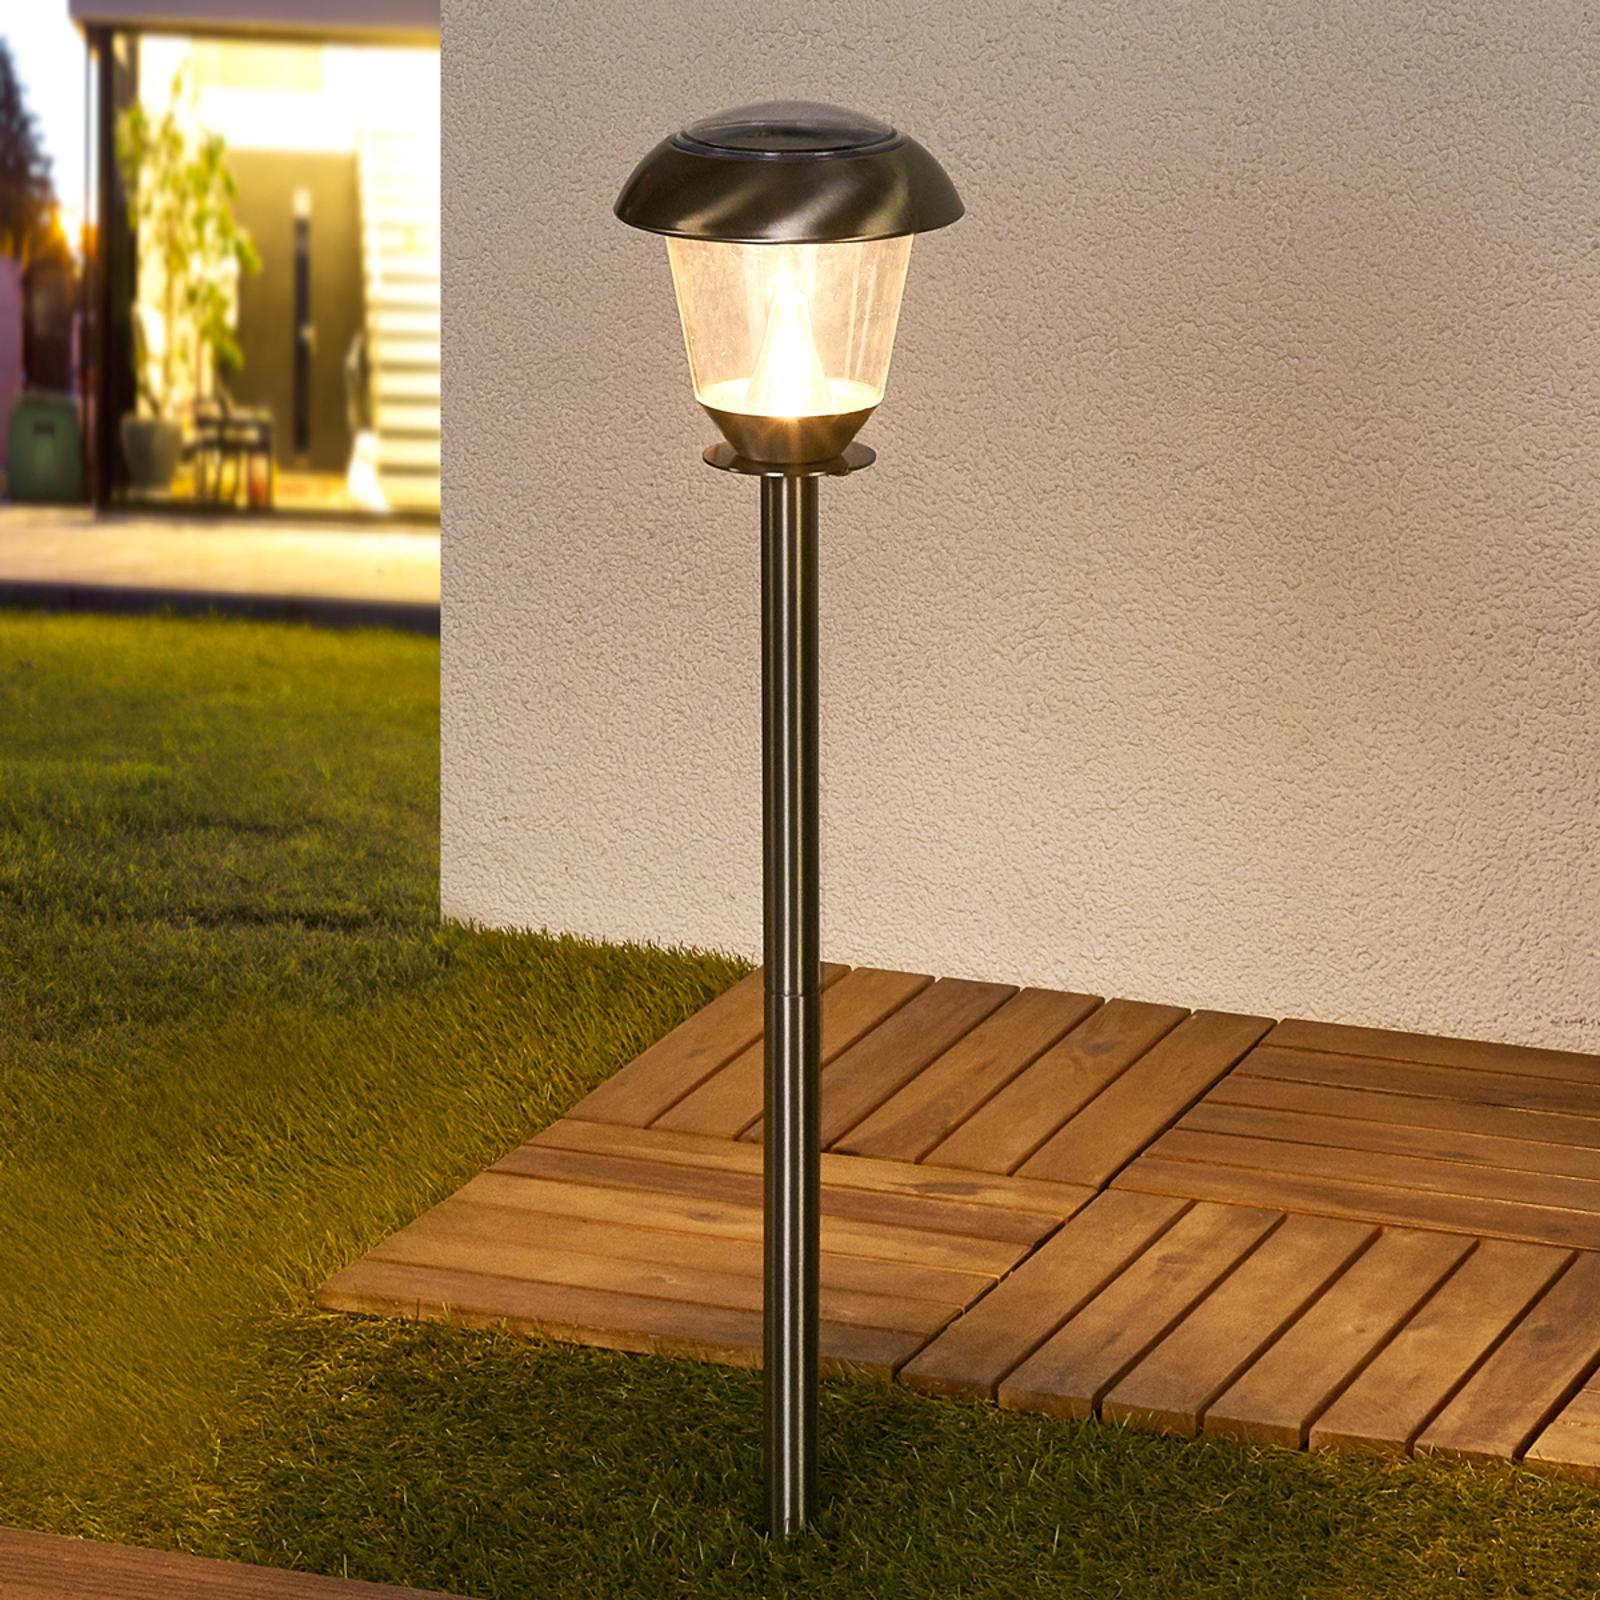 Lampada solare LED Nela per il giardino